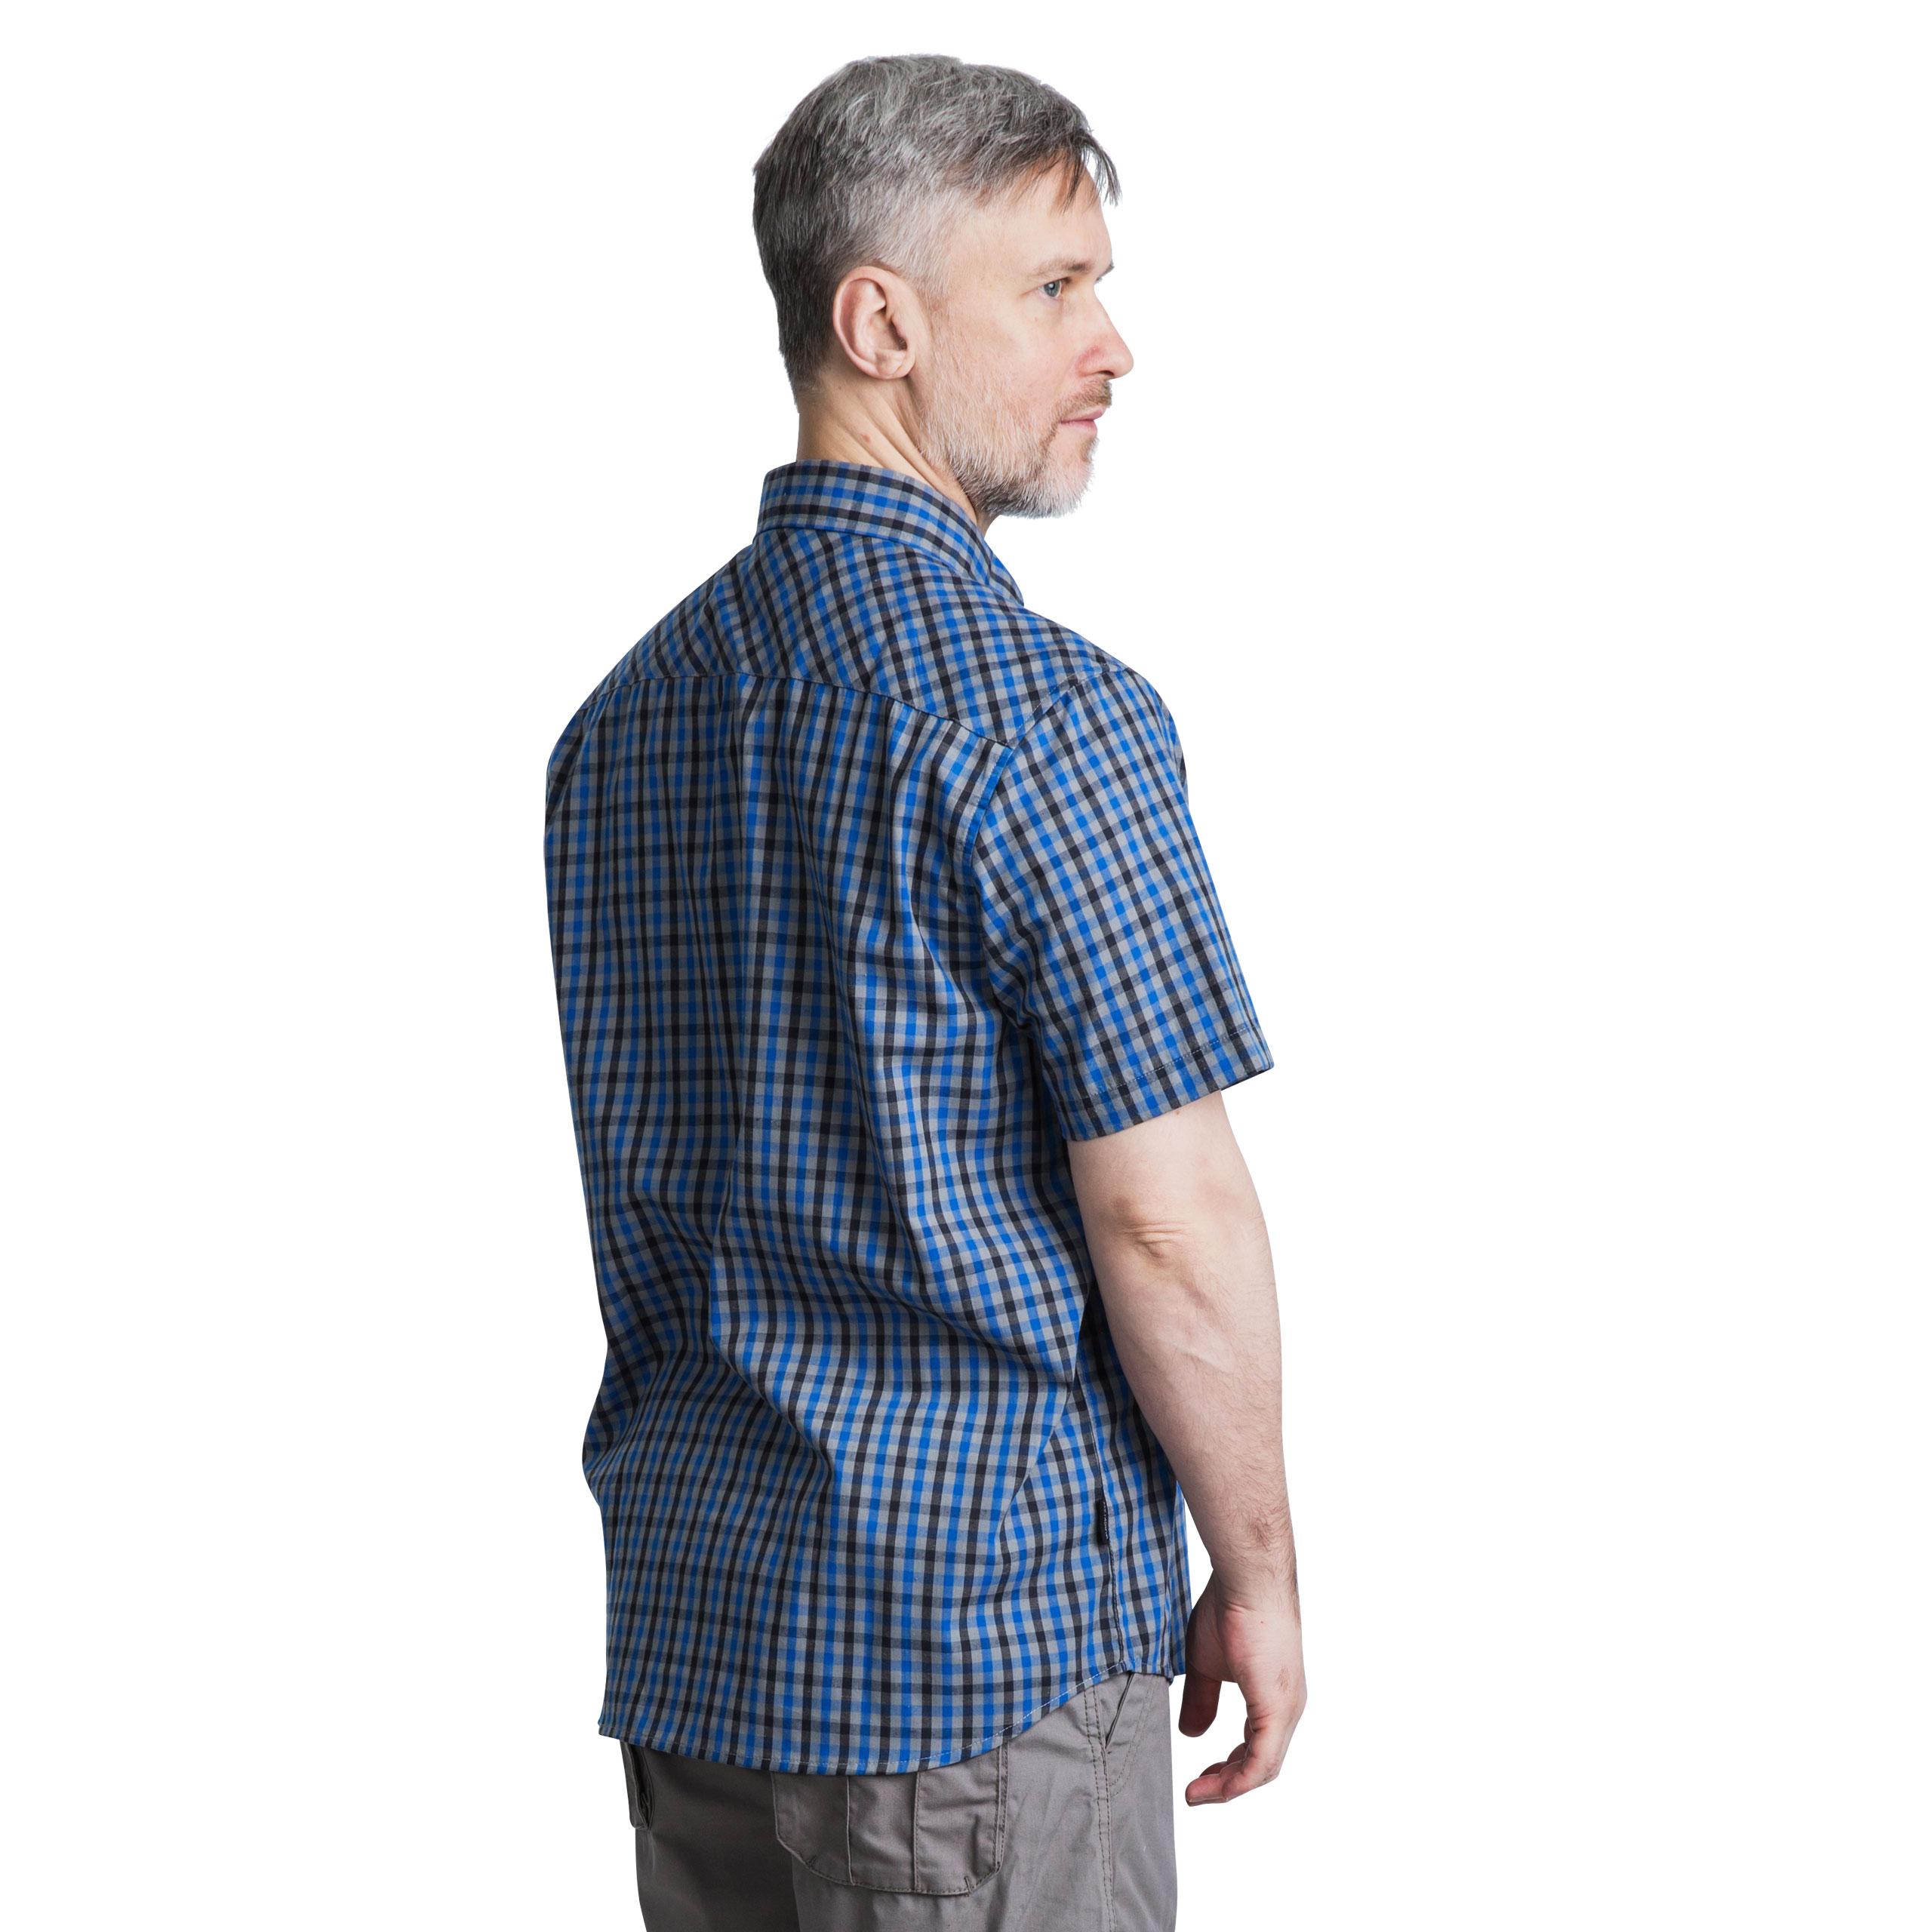 Trespass-Juba-Mens-Short-Sleeved-Checked-Shirt-Casual-Summer-Top thumbnail 14